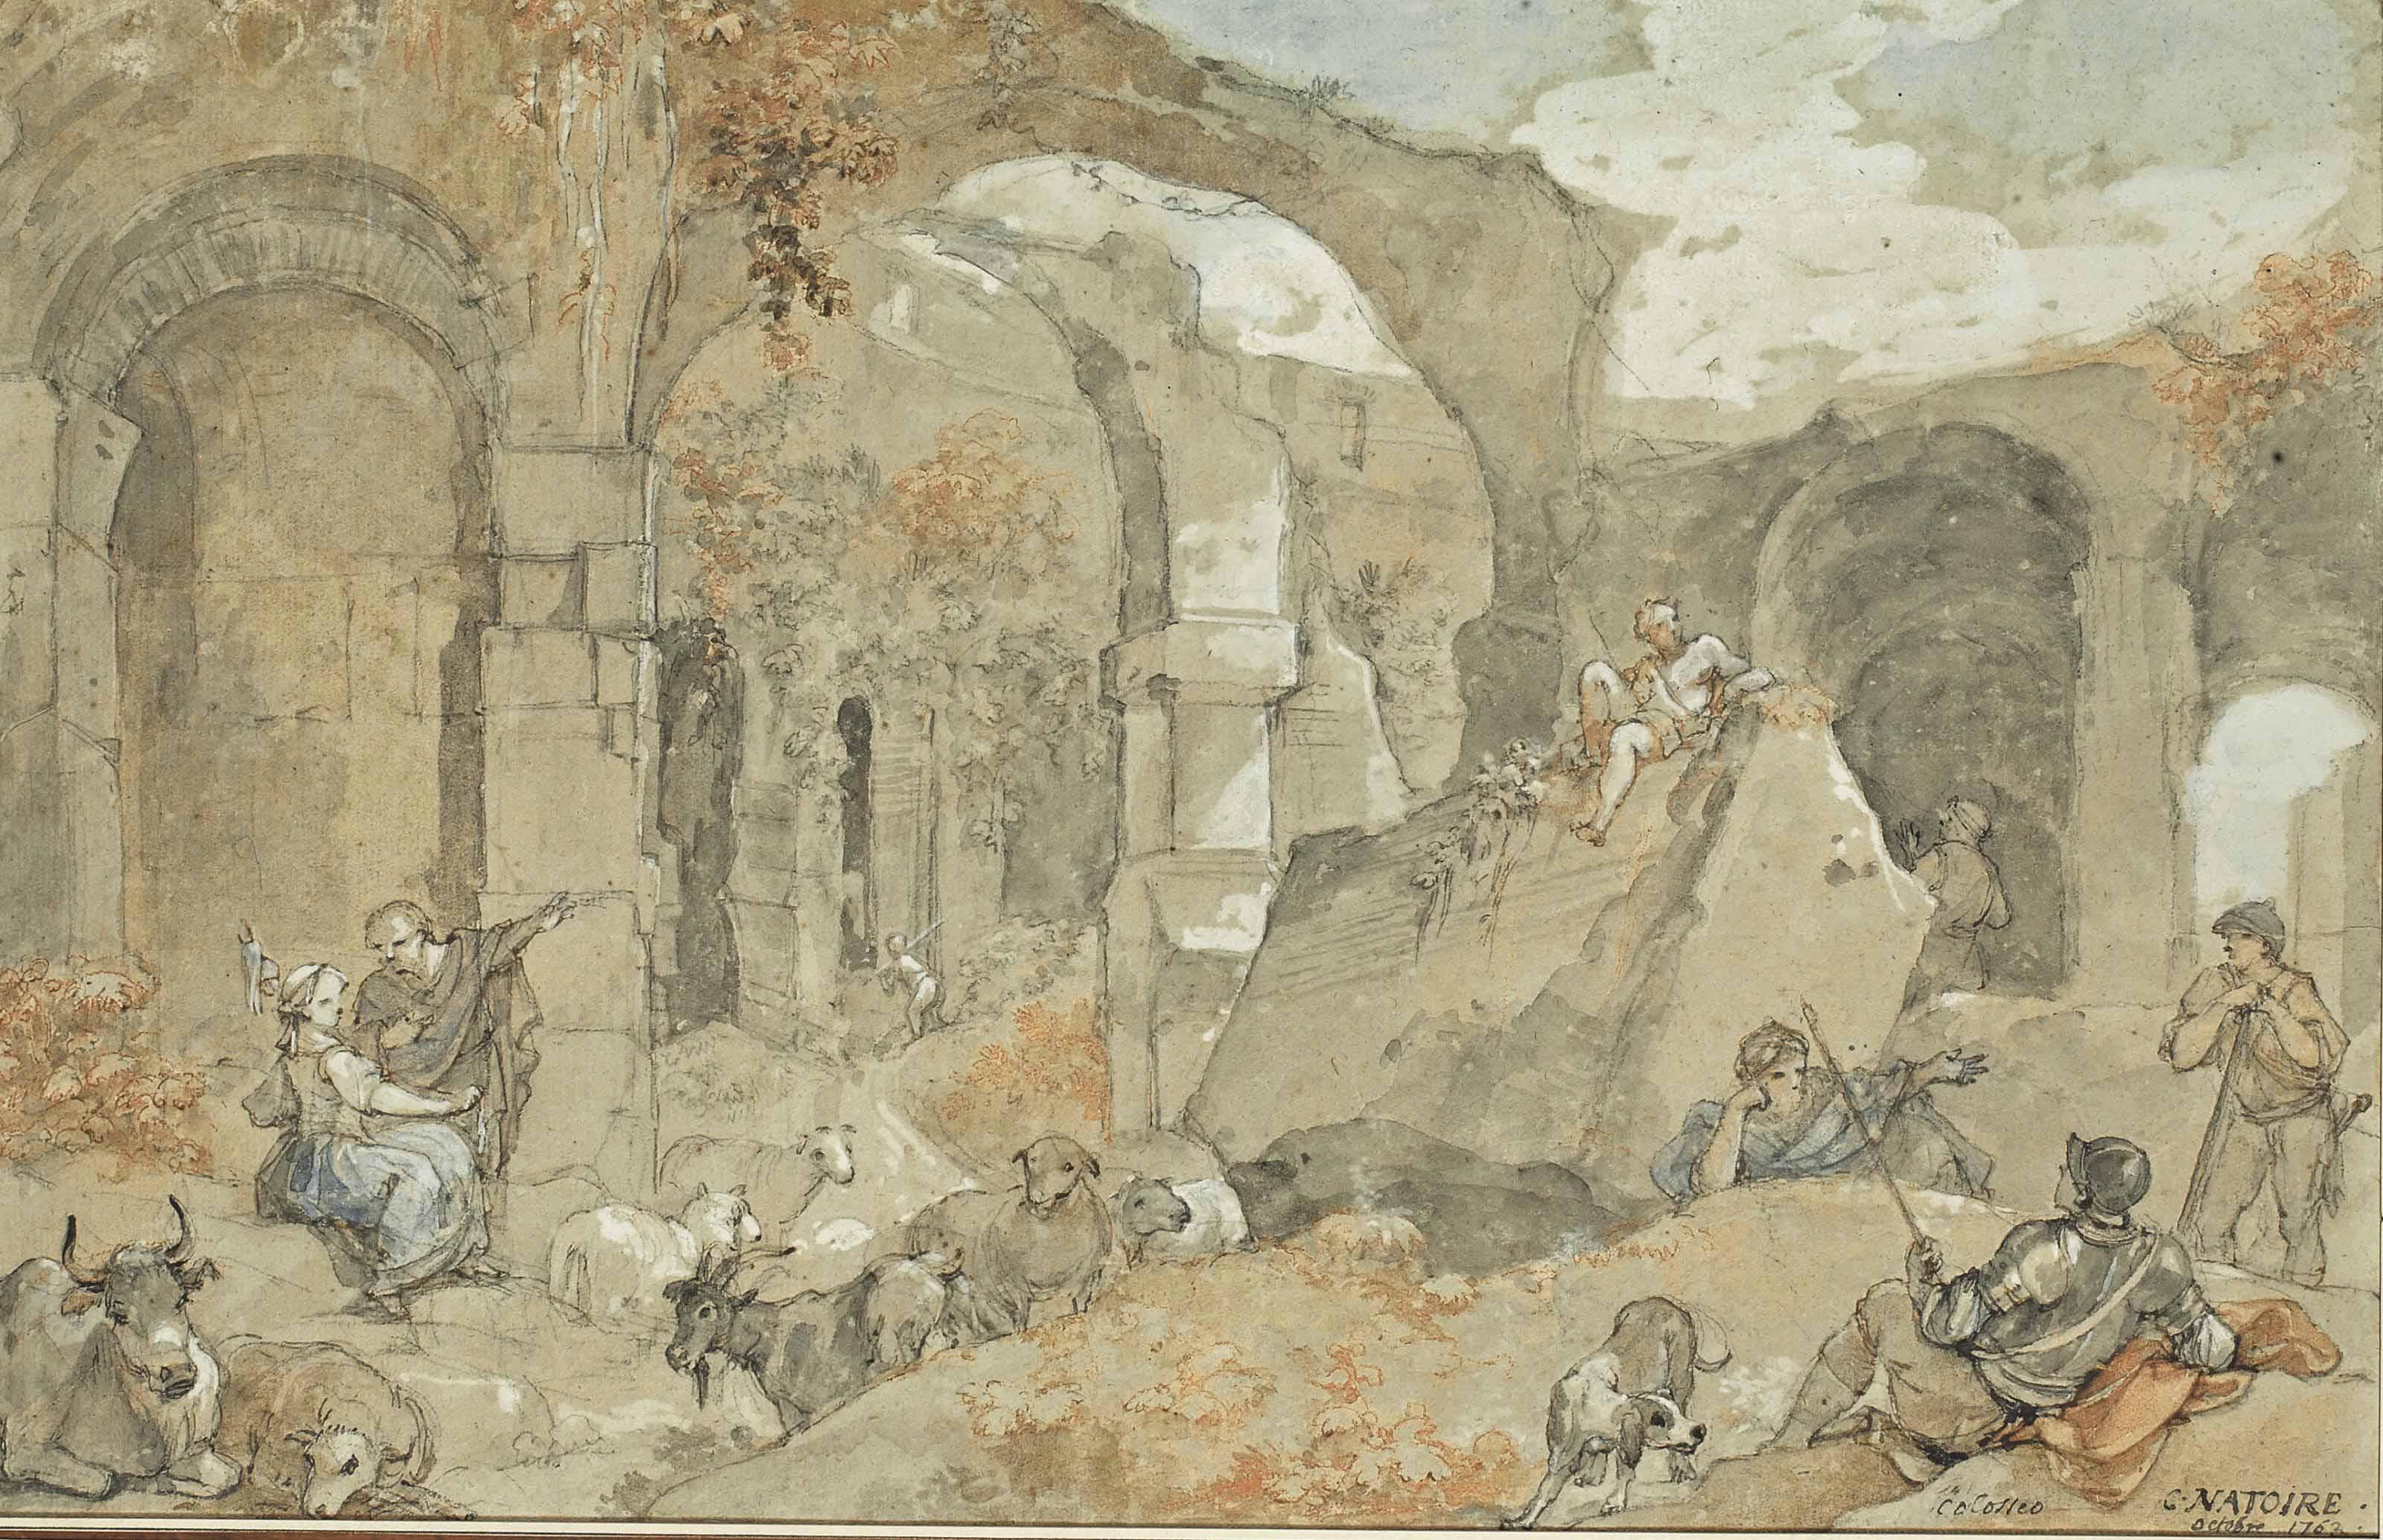 L'intérieur du Colisée avec bergers et animaux